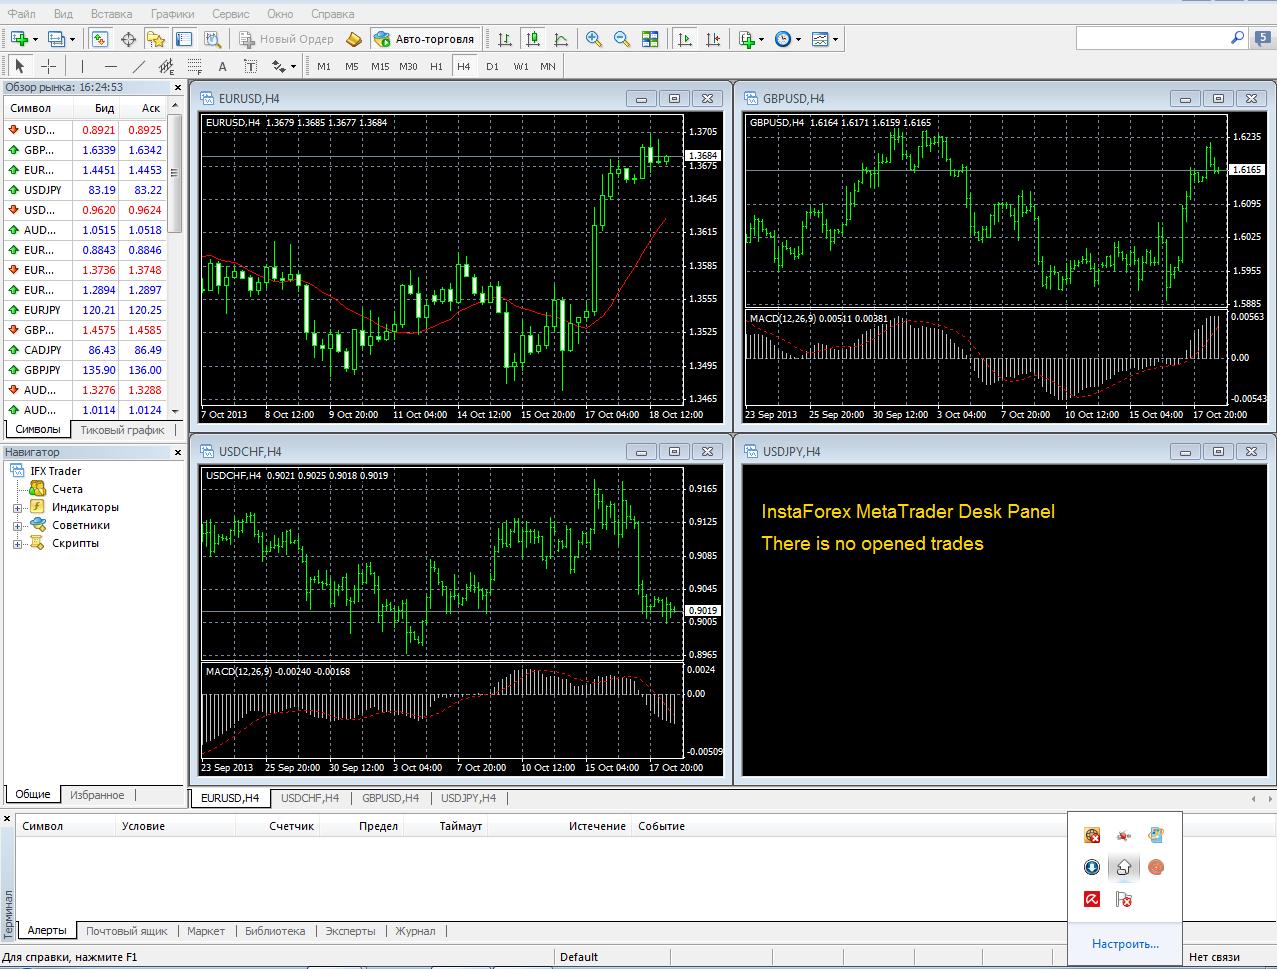 Программы для анализа рынка форекс работающие с метатрейдер программы для анализа рынка форекс работающие с метатрейдер